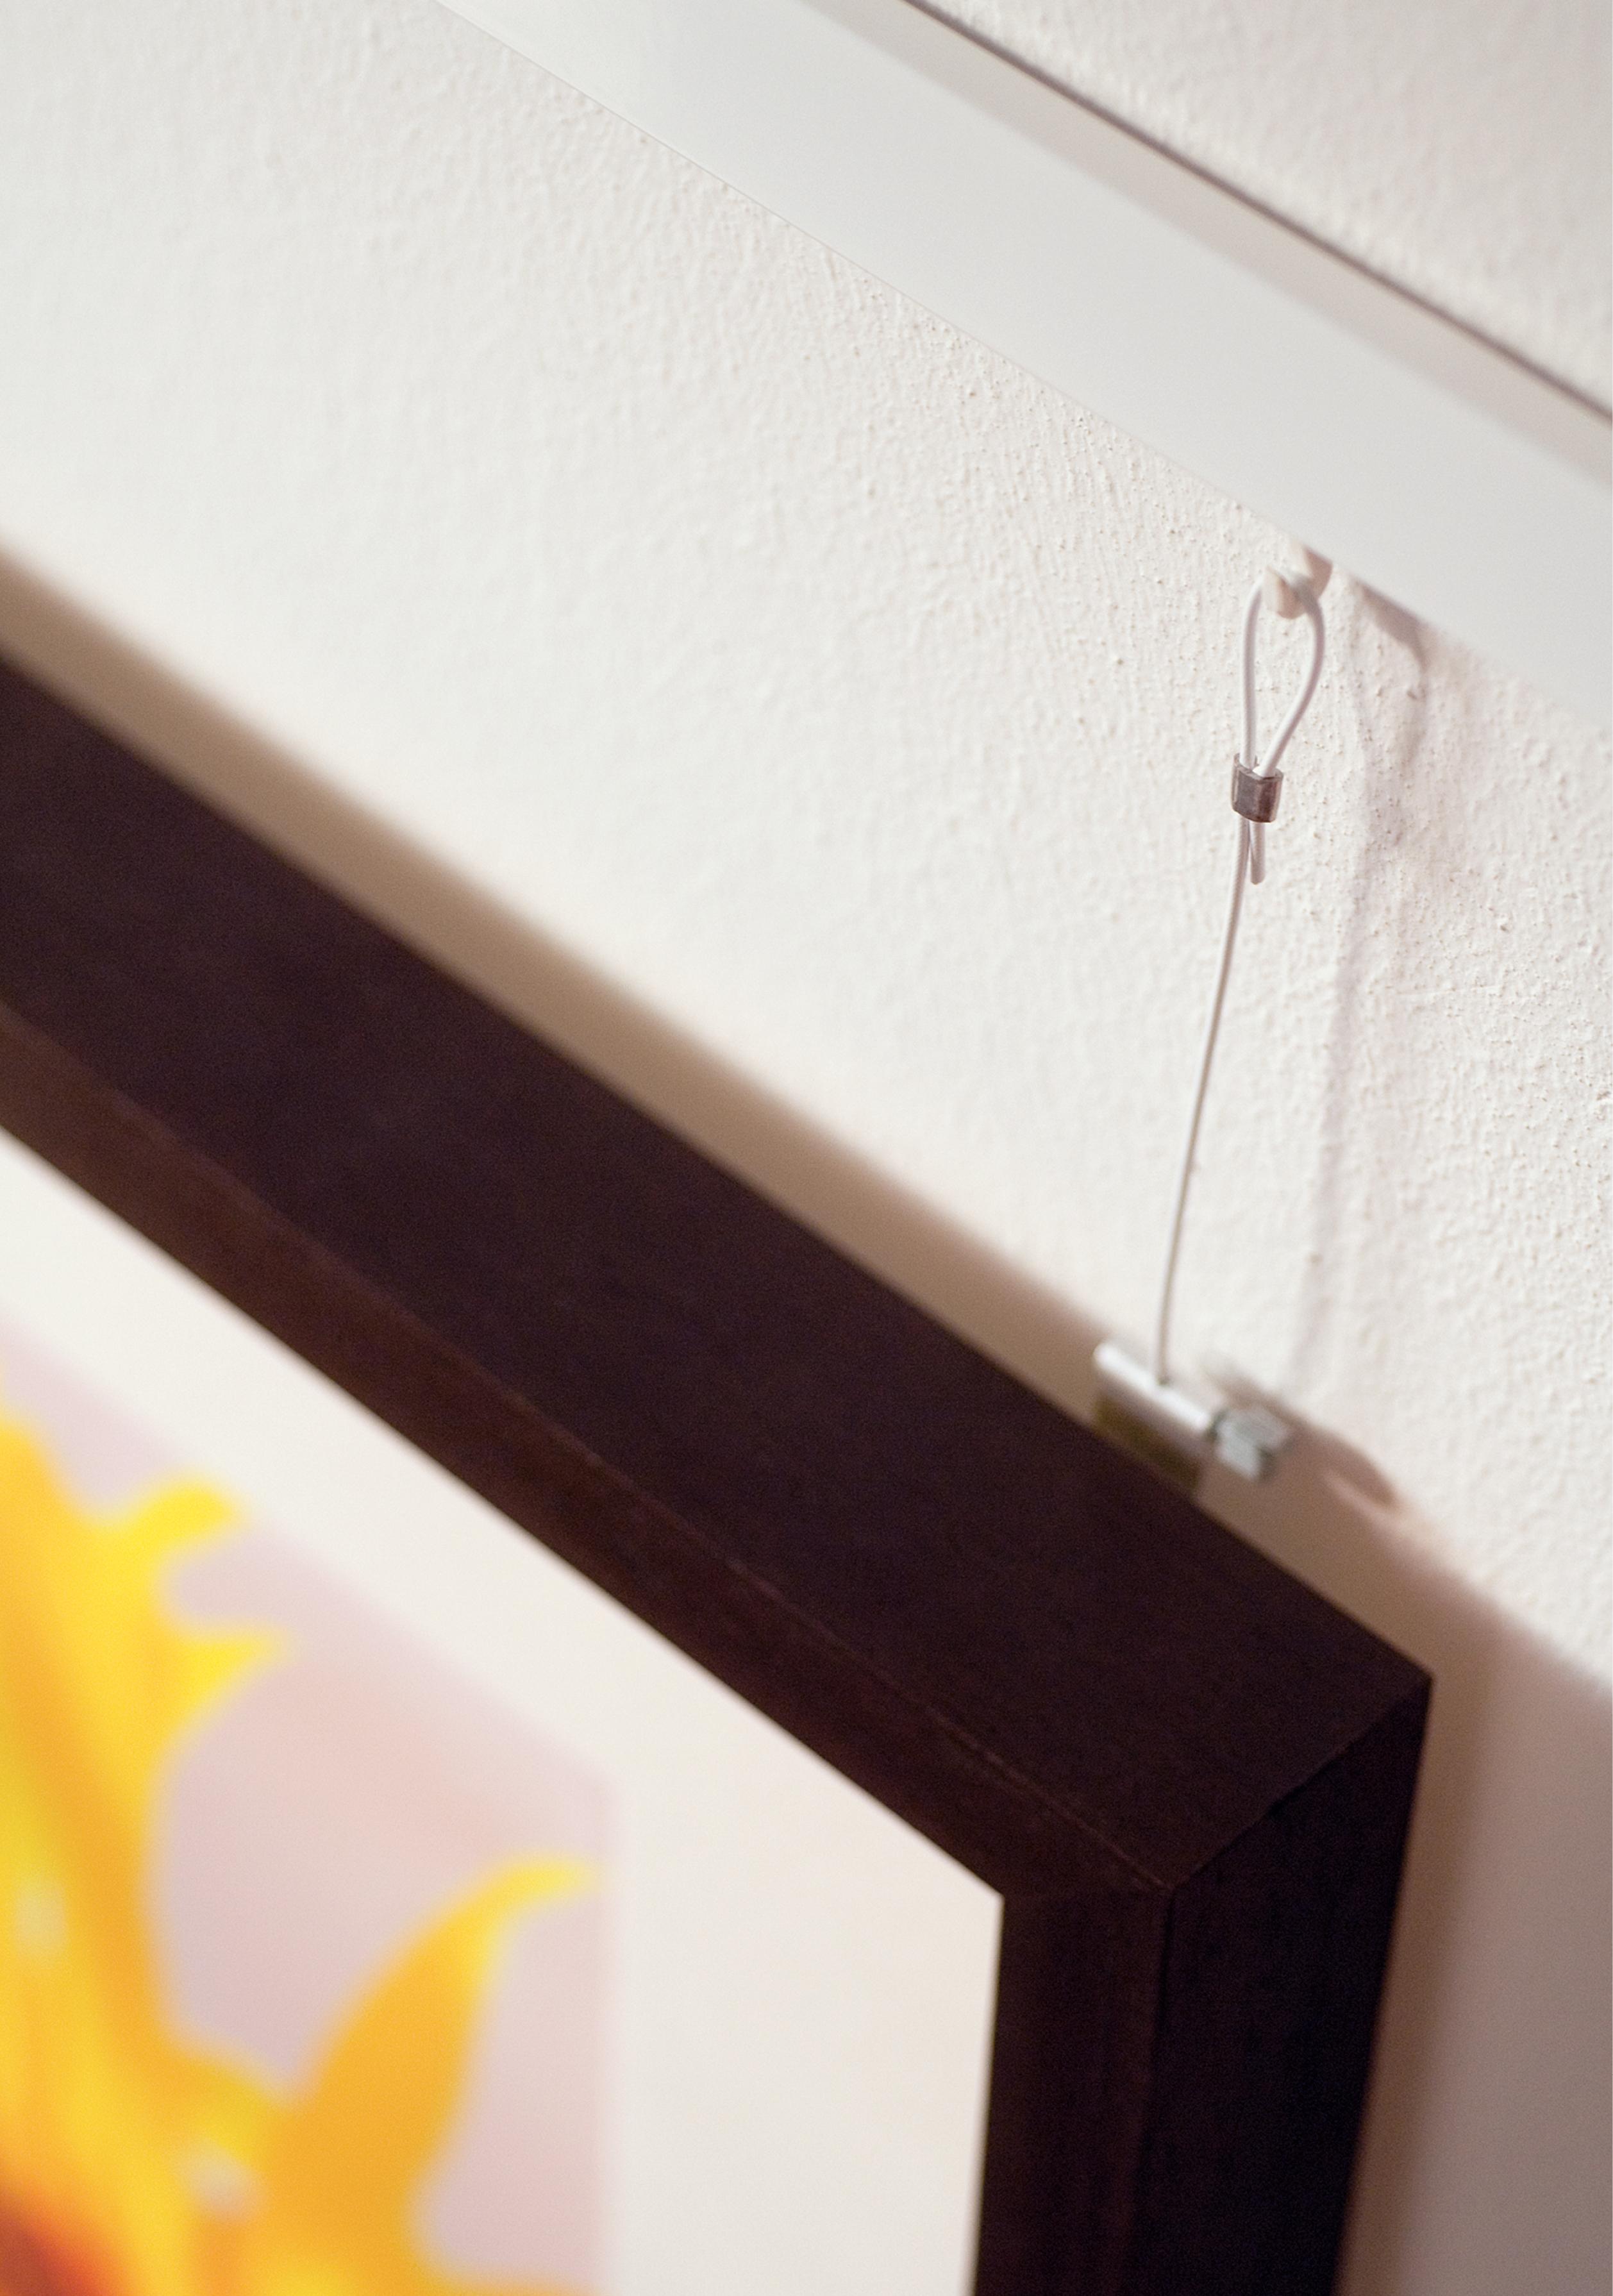 frame hanging products nielsen. Black Bedroom Furniture Sets. Home Design Ideas